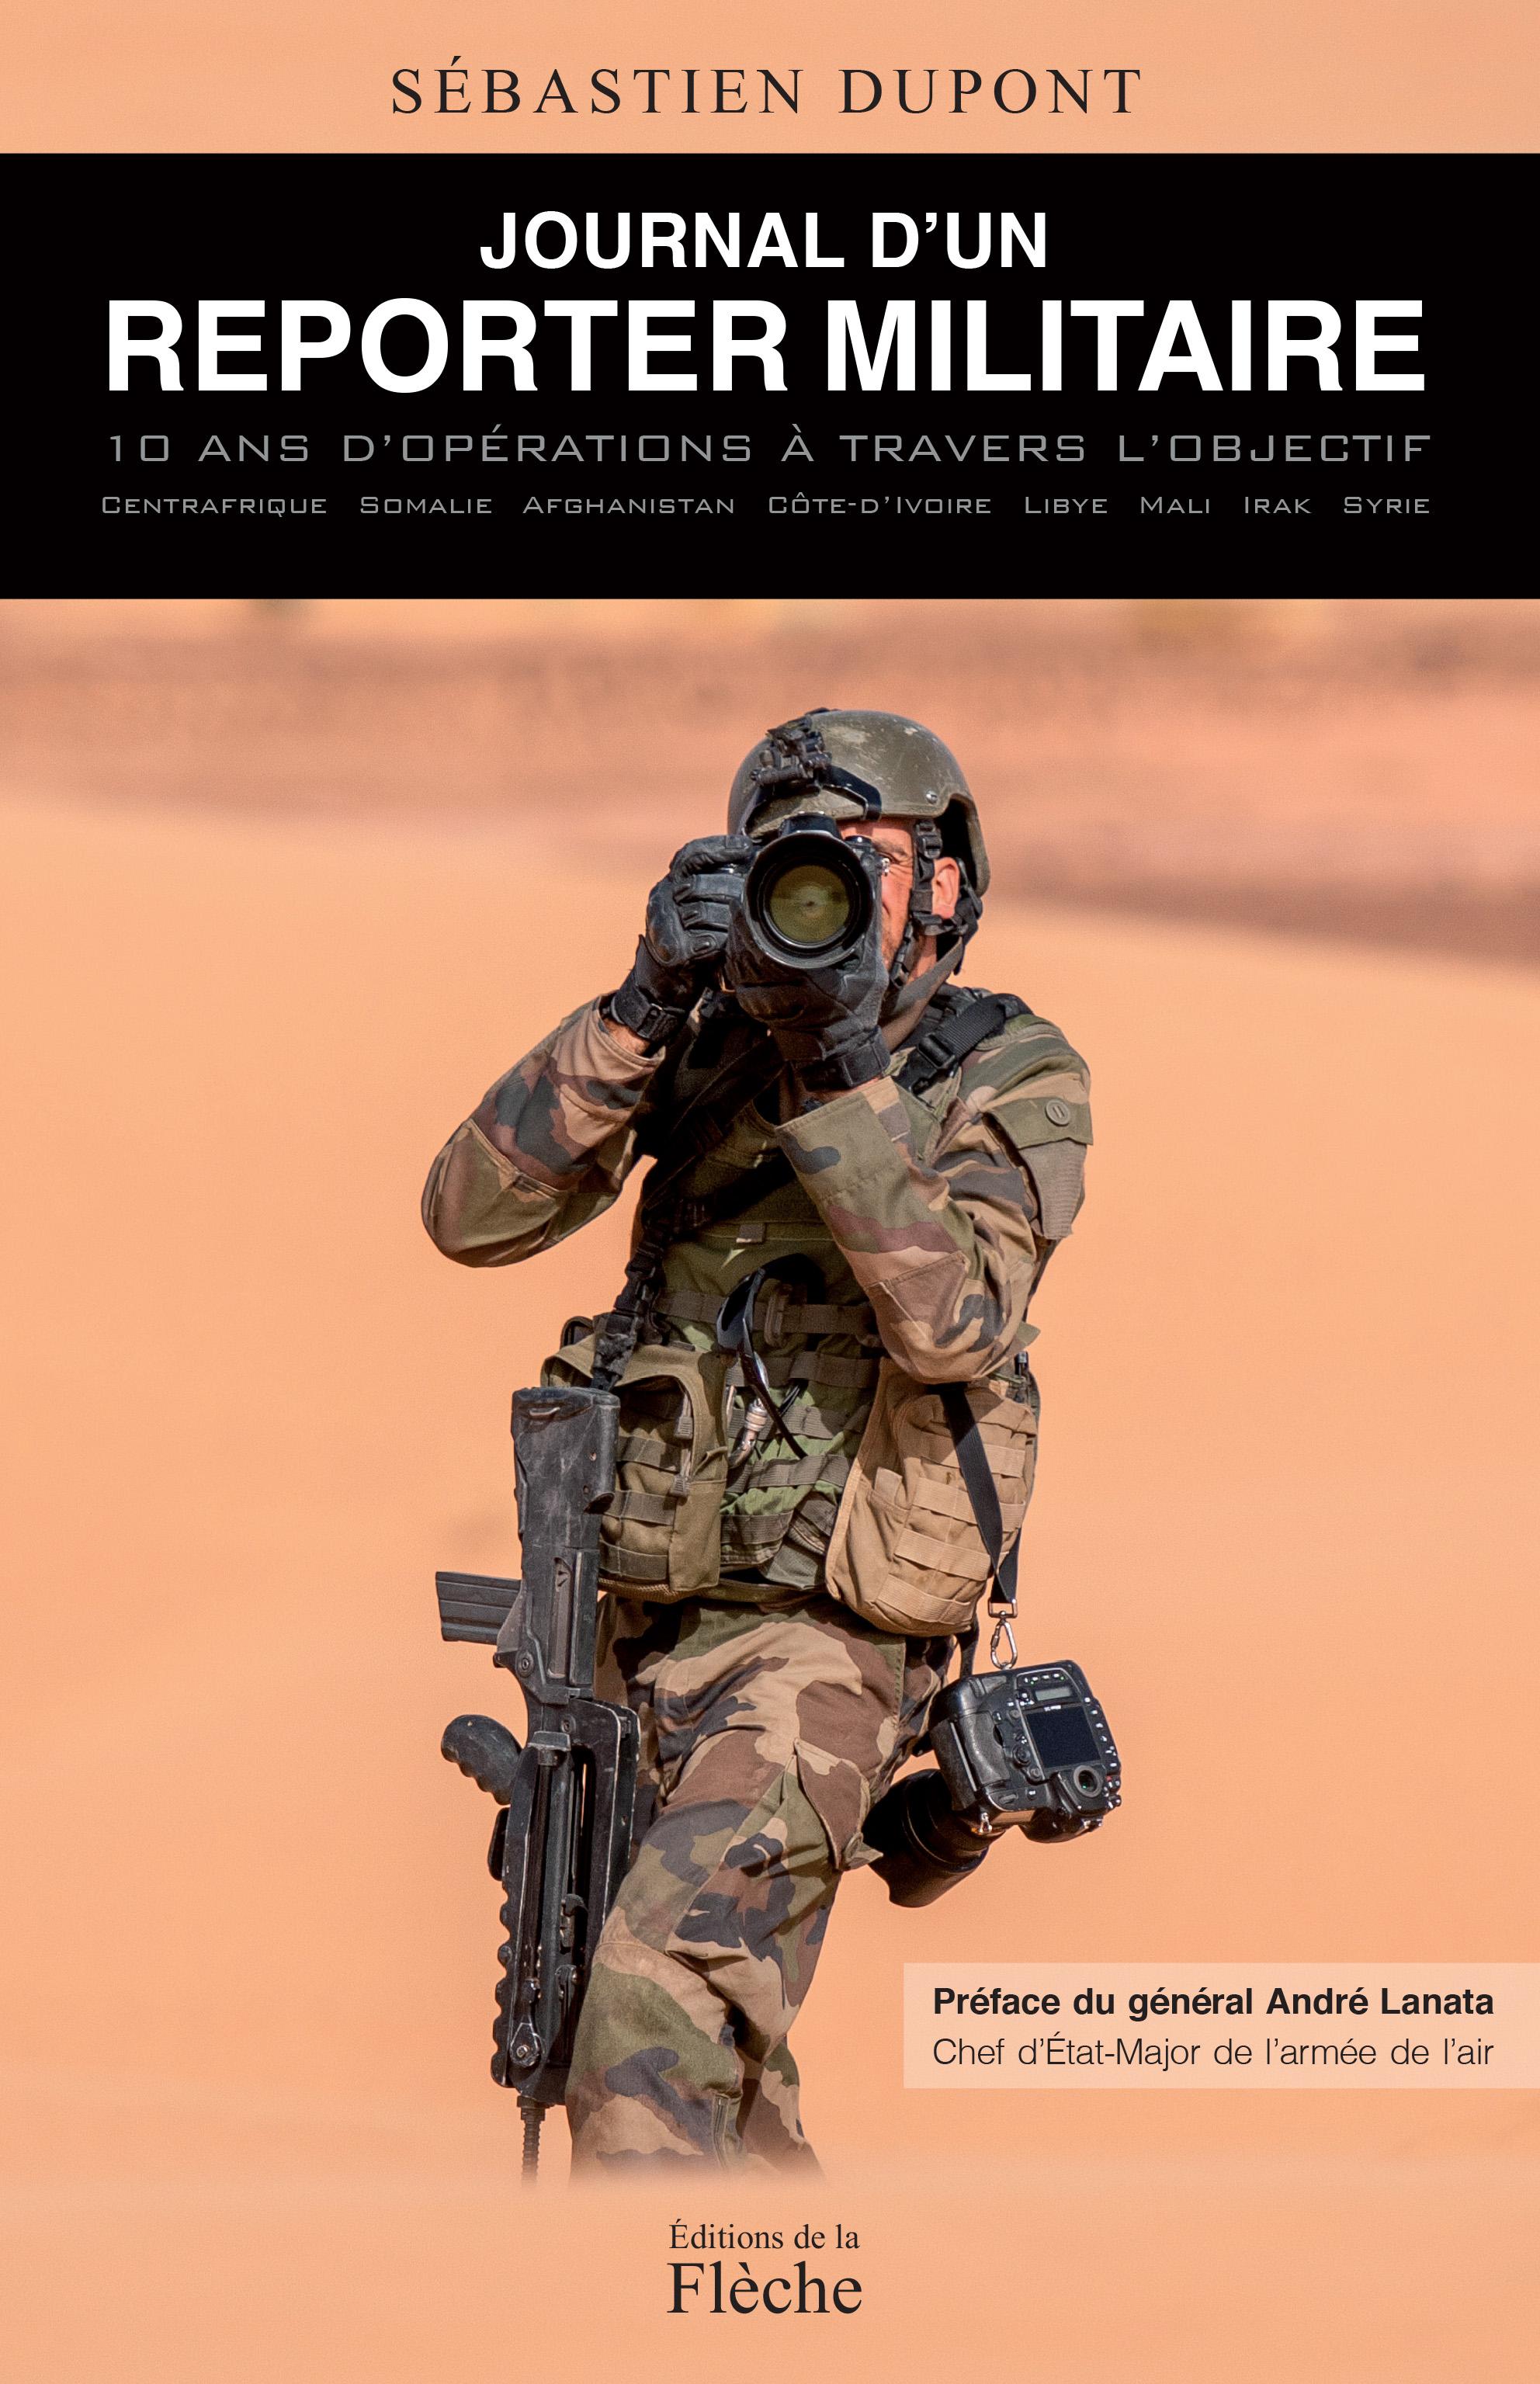 Journal d'un reporter militaire de Sébastien Dupont